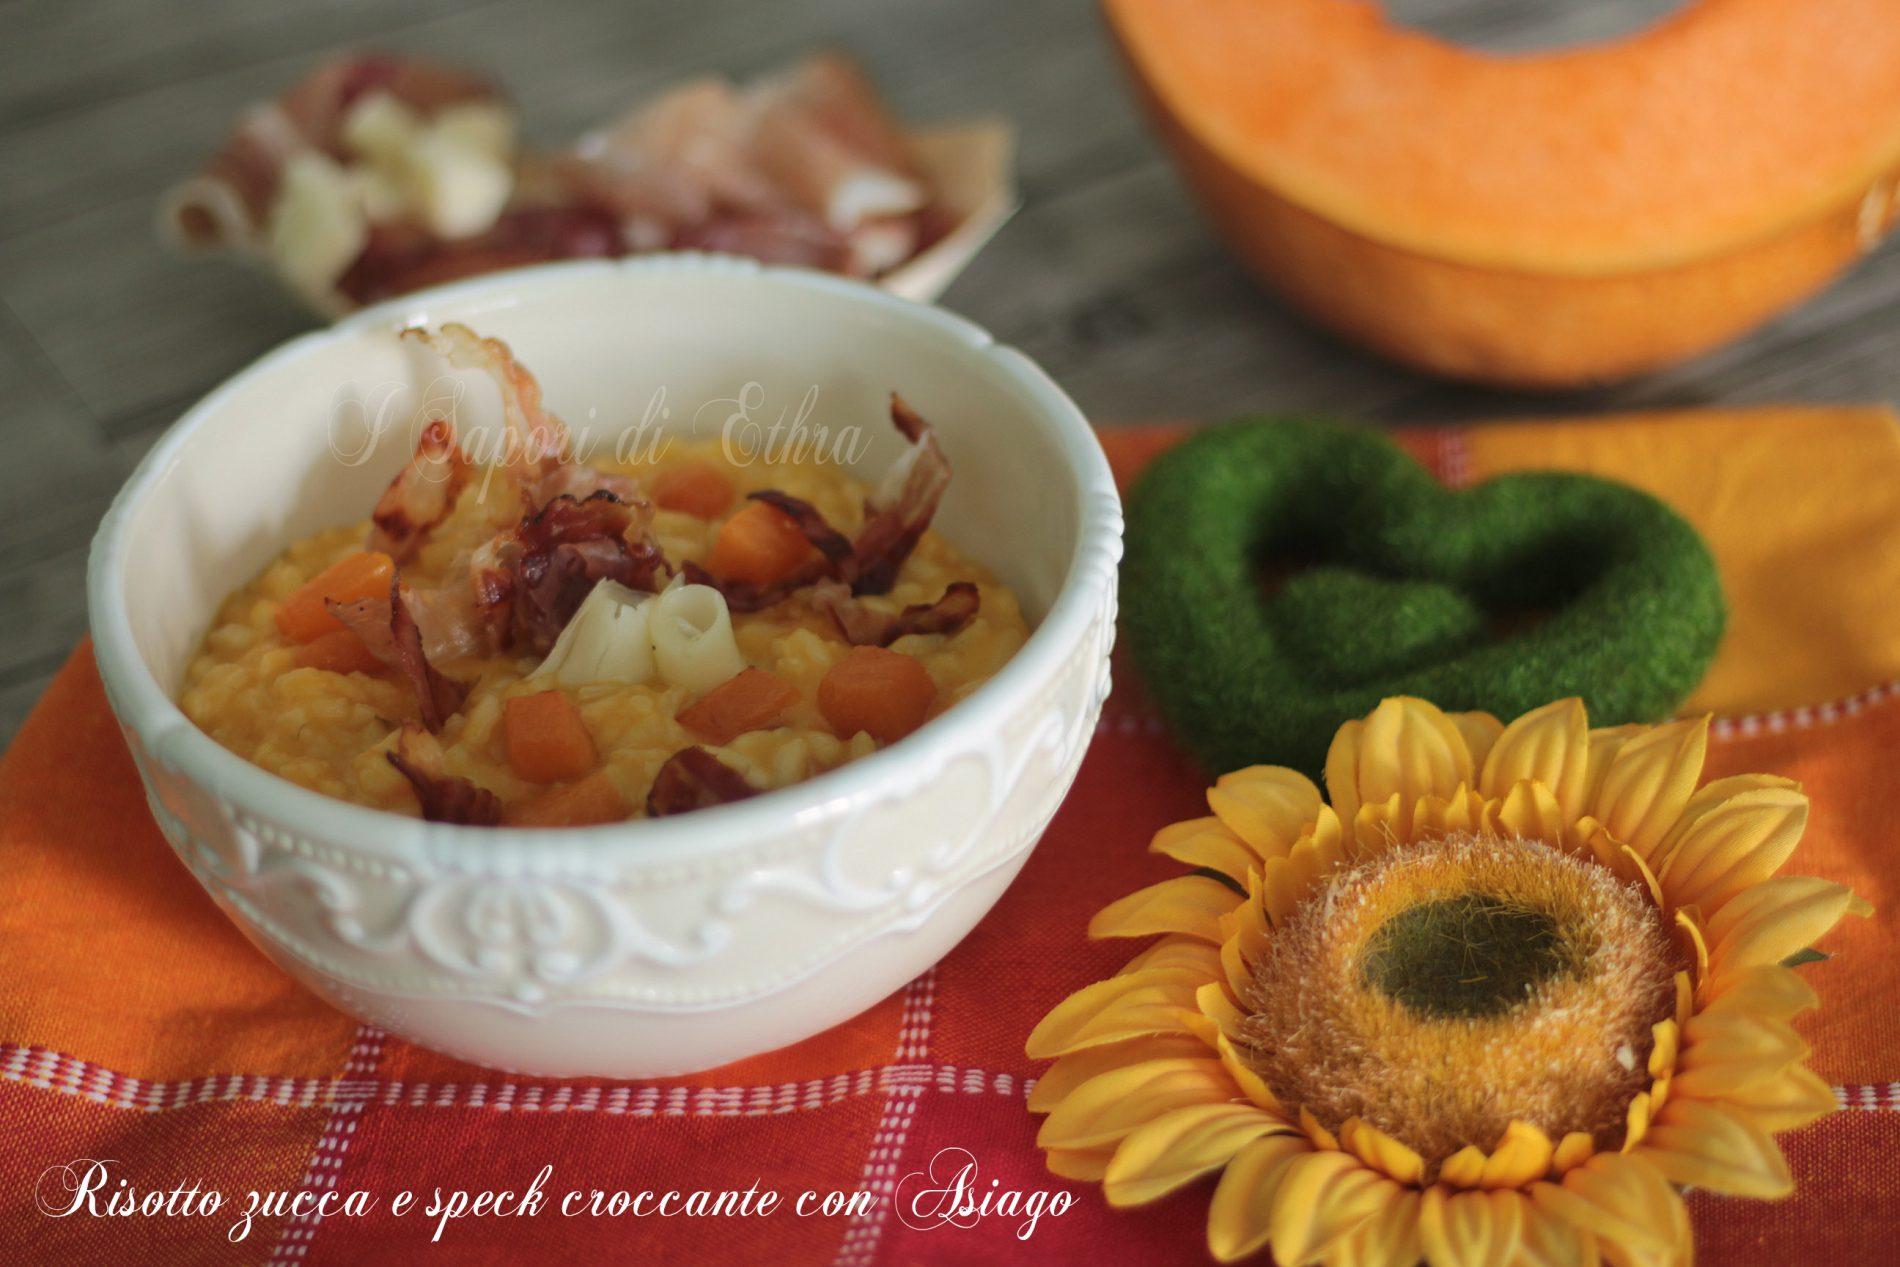 Risotto zucca e speck croccante con  Asiago - I Sapori di Ethra